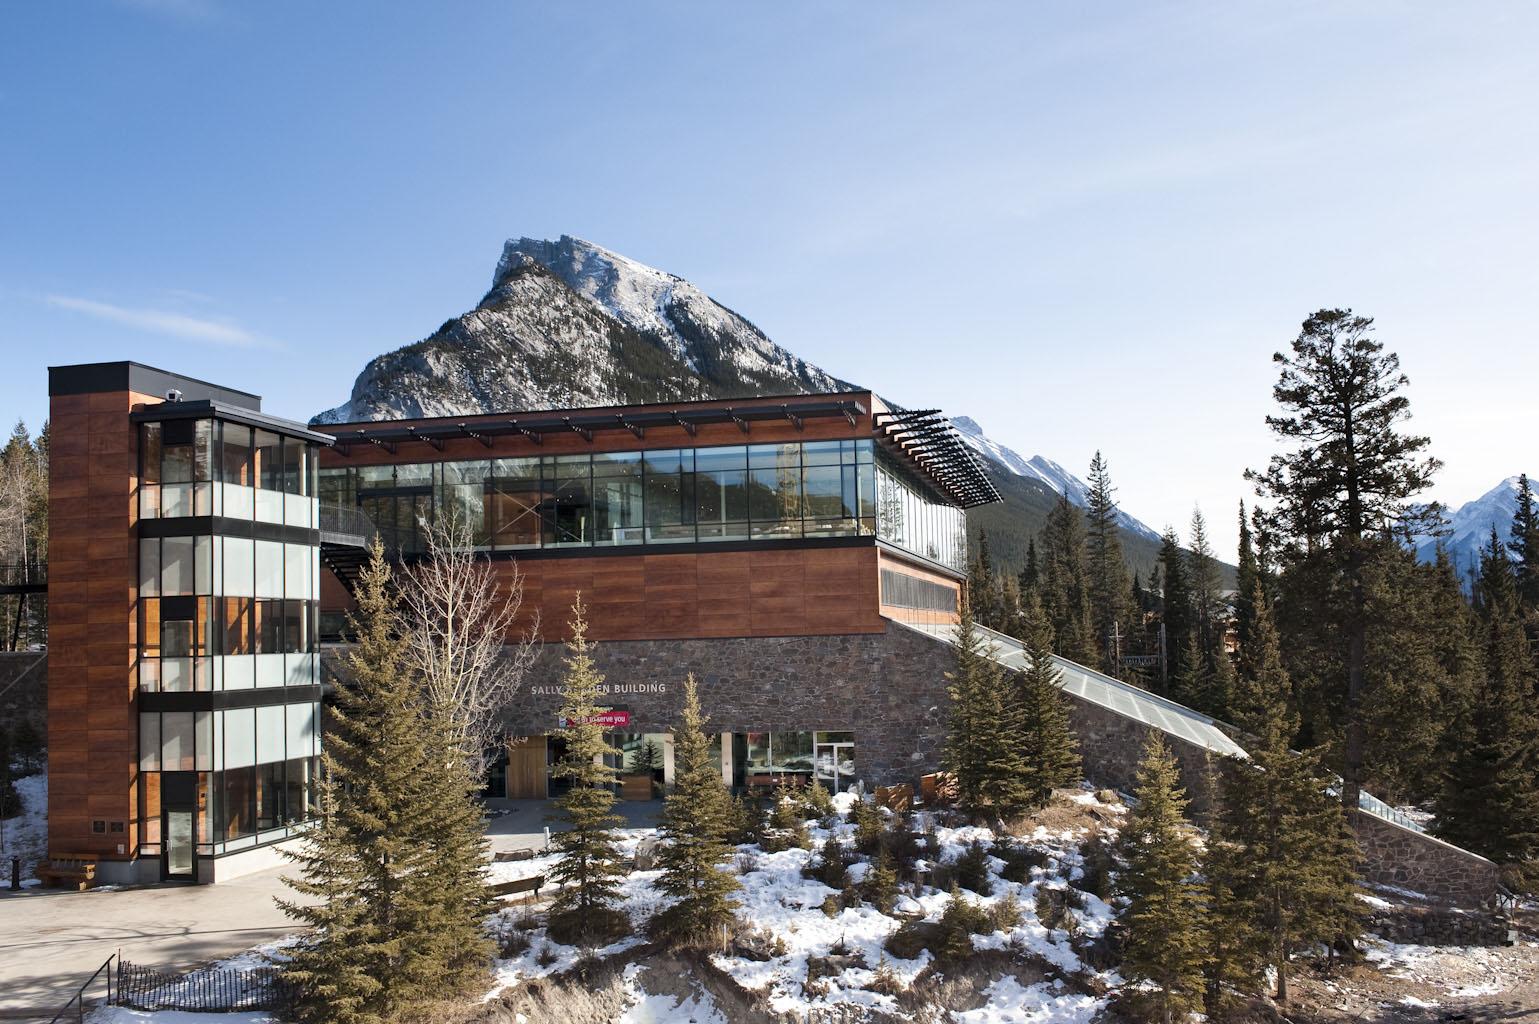 Banff Centre Campus